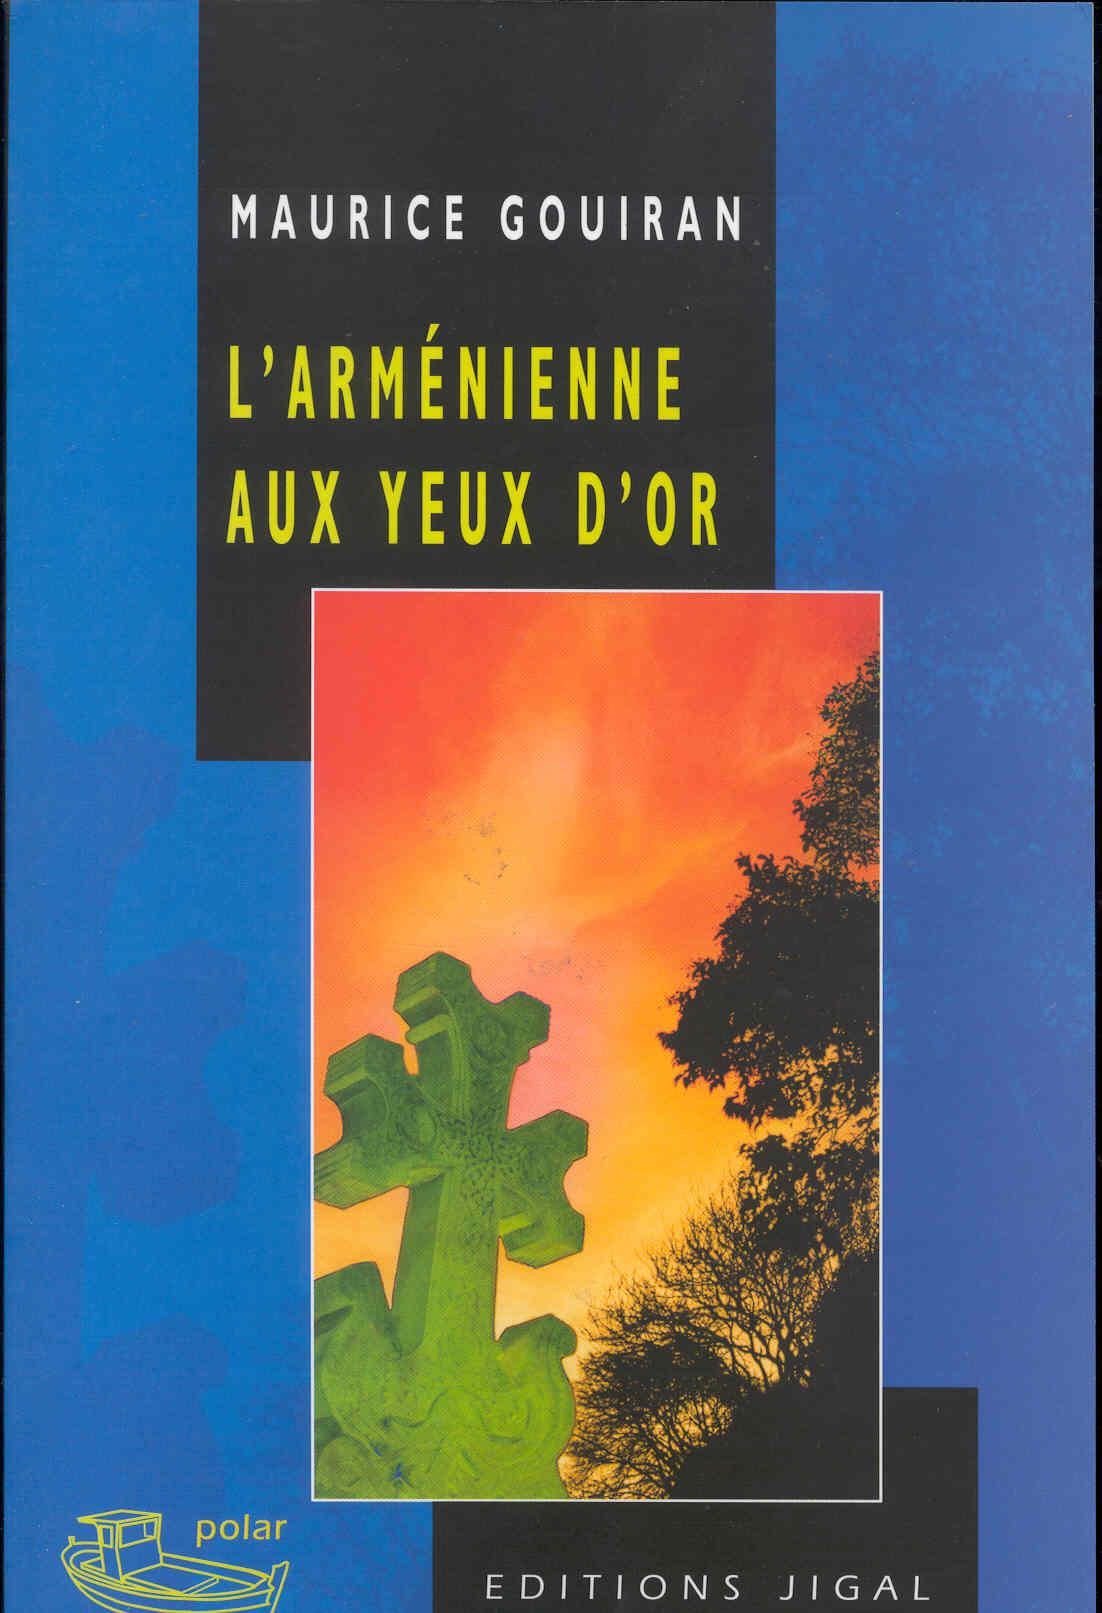 L'ARMENIENNE AUX YEUX D'OR